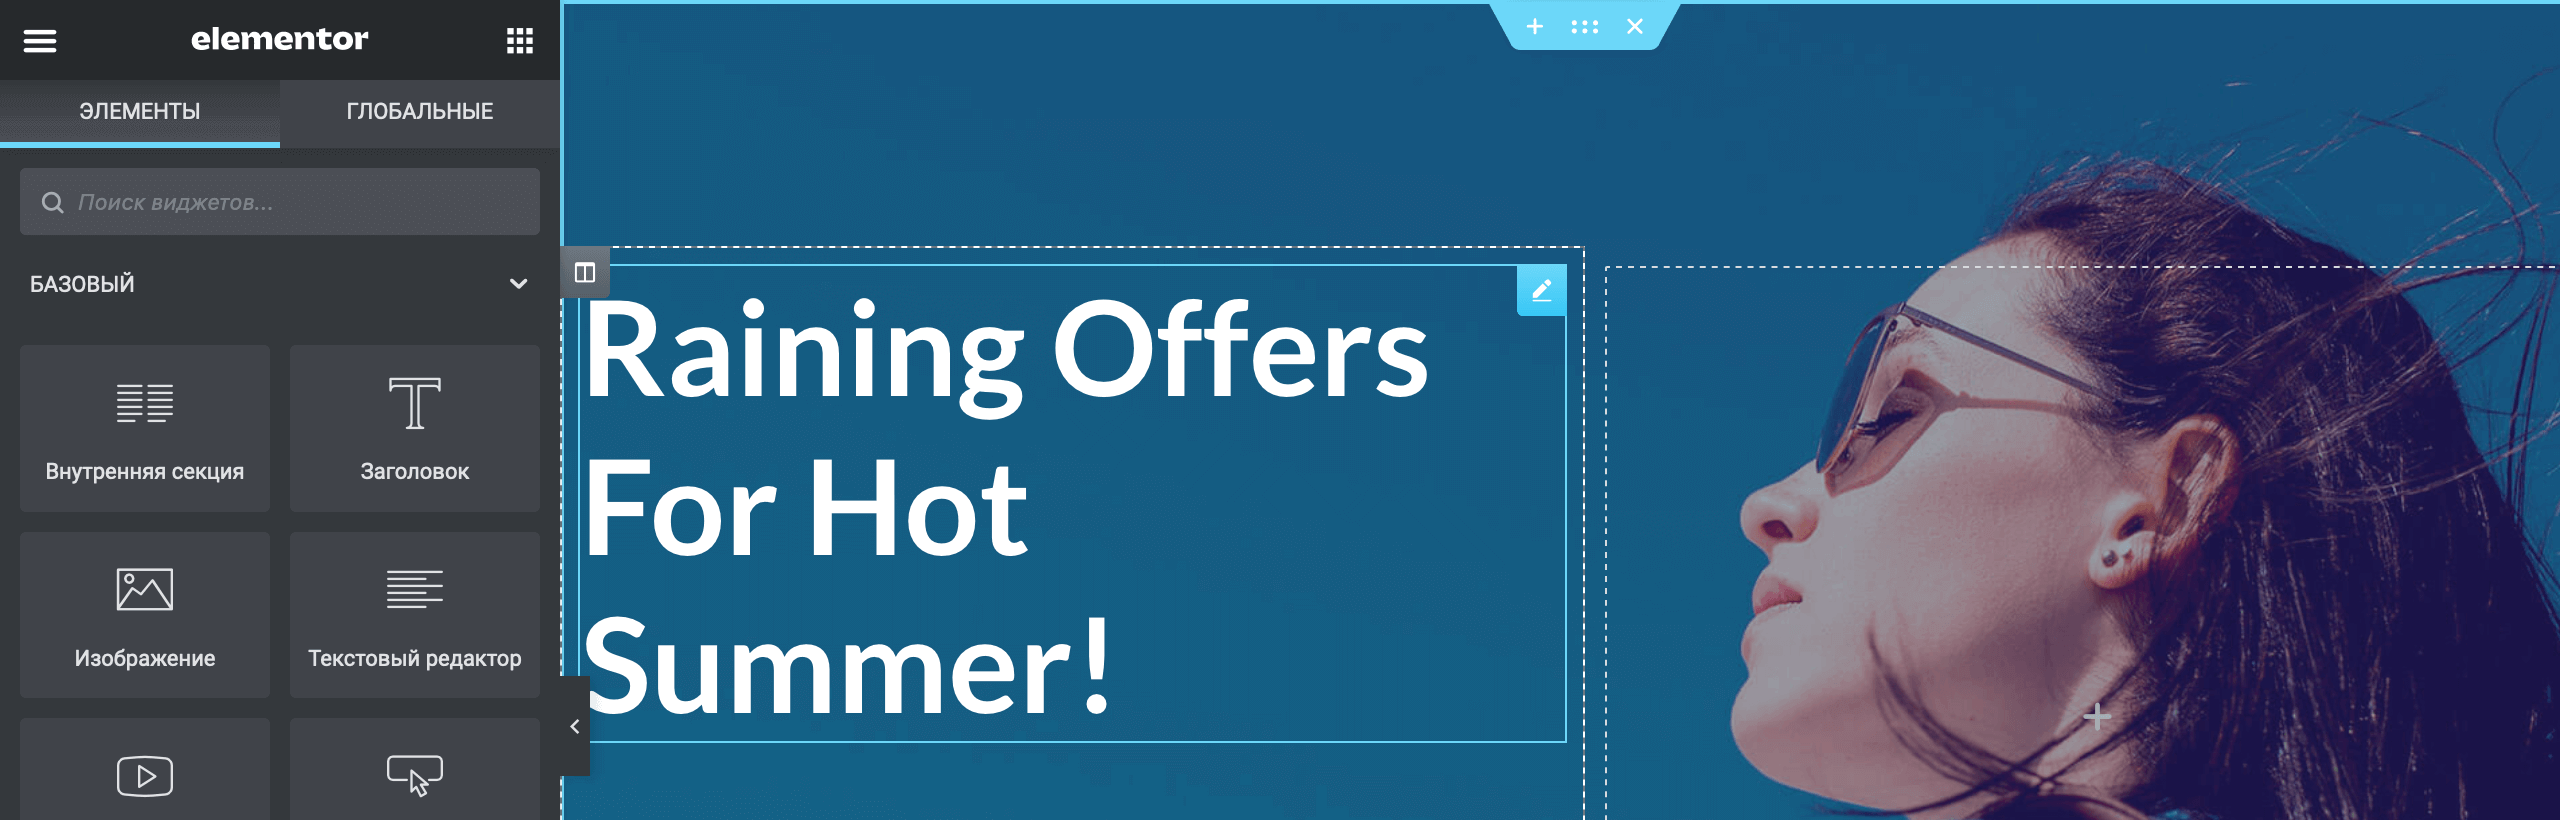 WordPress создание интернет-магазина: границы элемента «Заголовок» на главном баннере